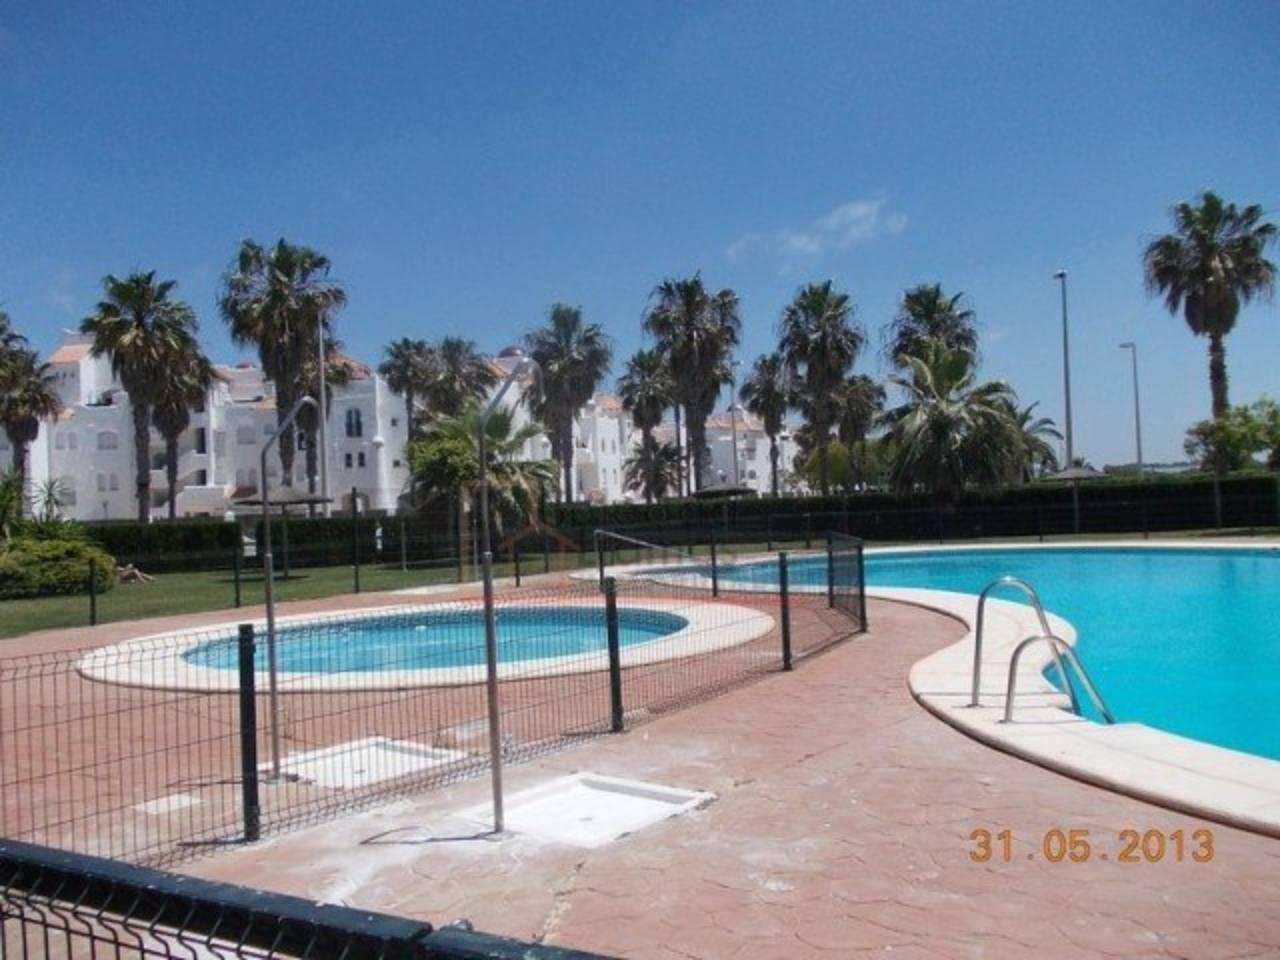 Piso en alquiler de vacaciones con 89 m2, 2 dormitorios  en Rota, Cost